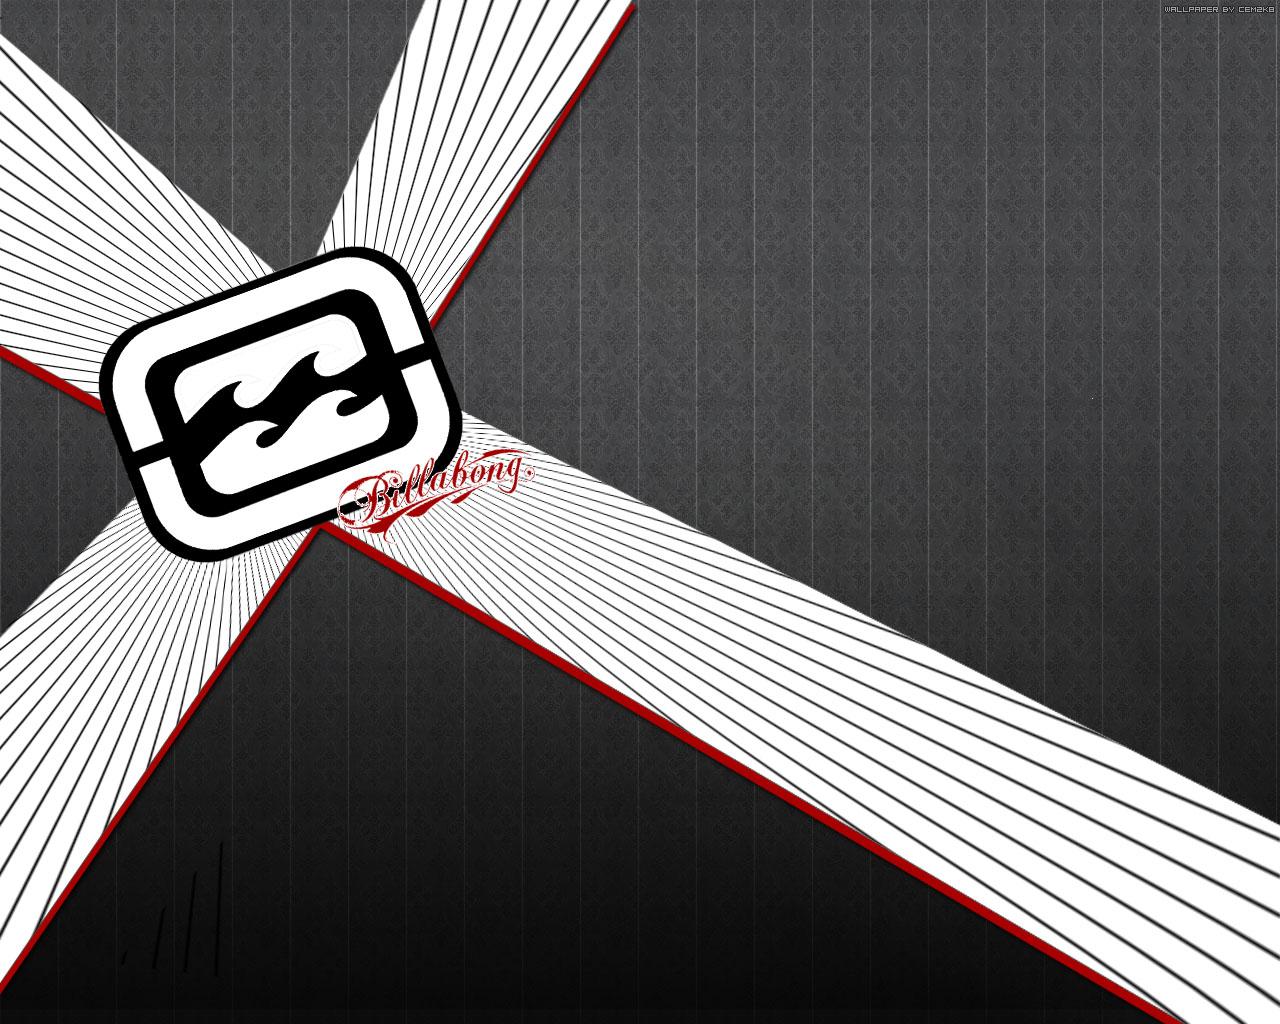 Billabong wallpaper 91168 1280x1024